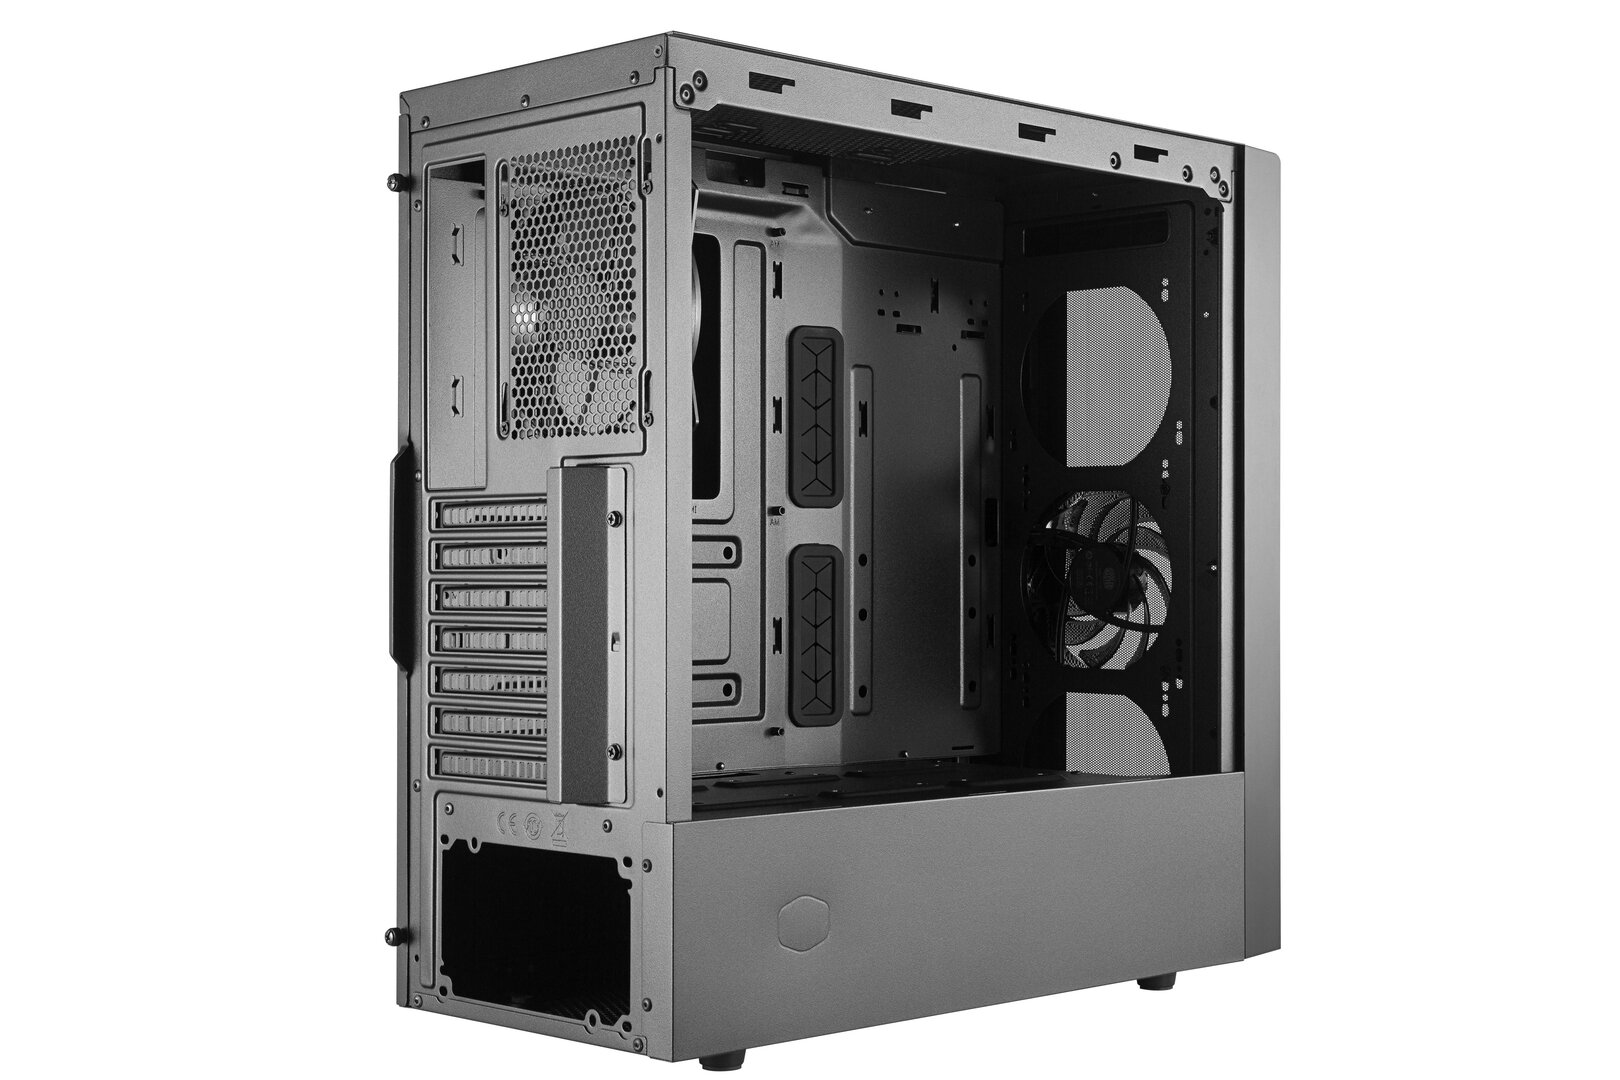 Cooler Master NR600